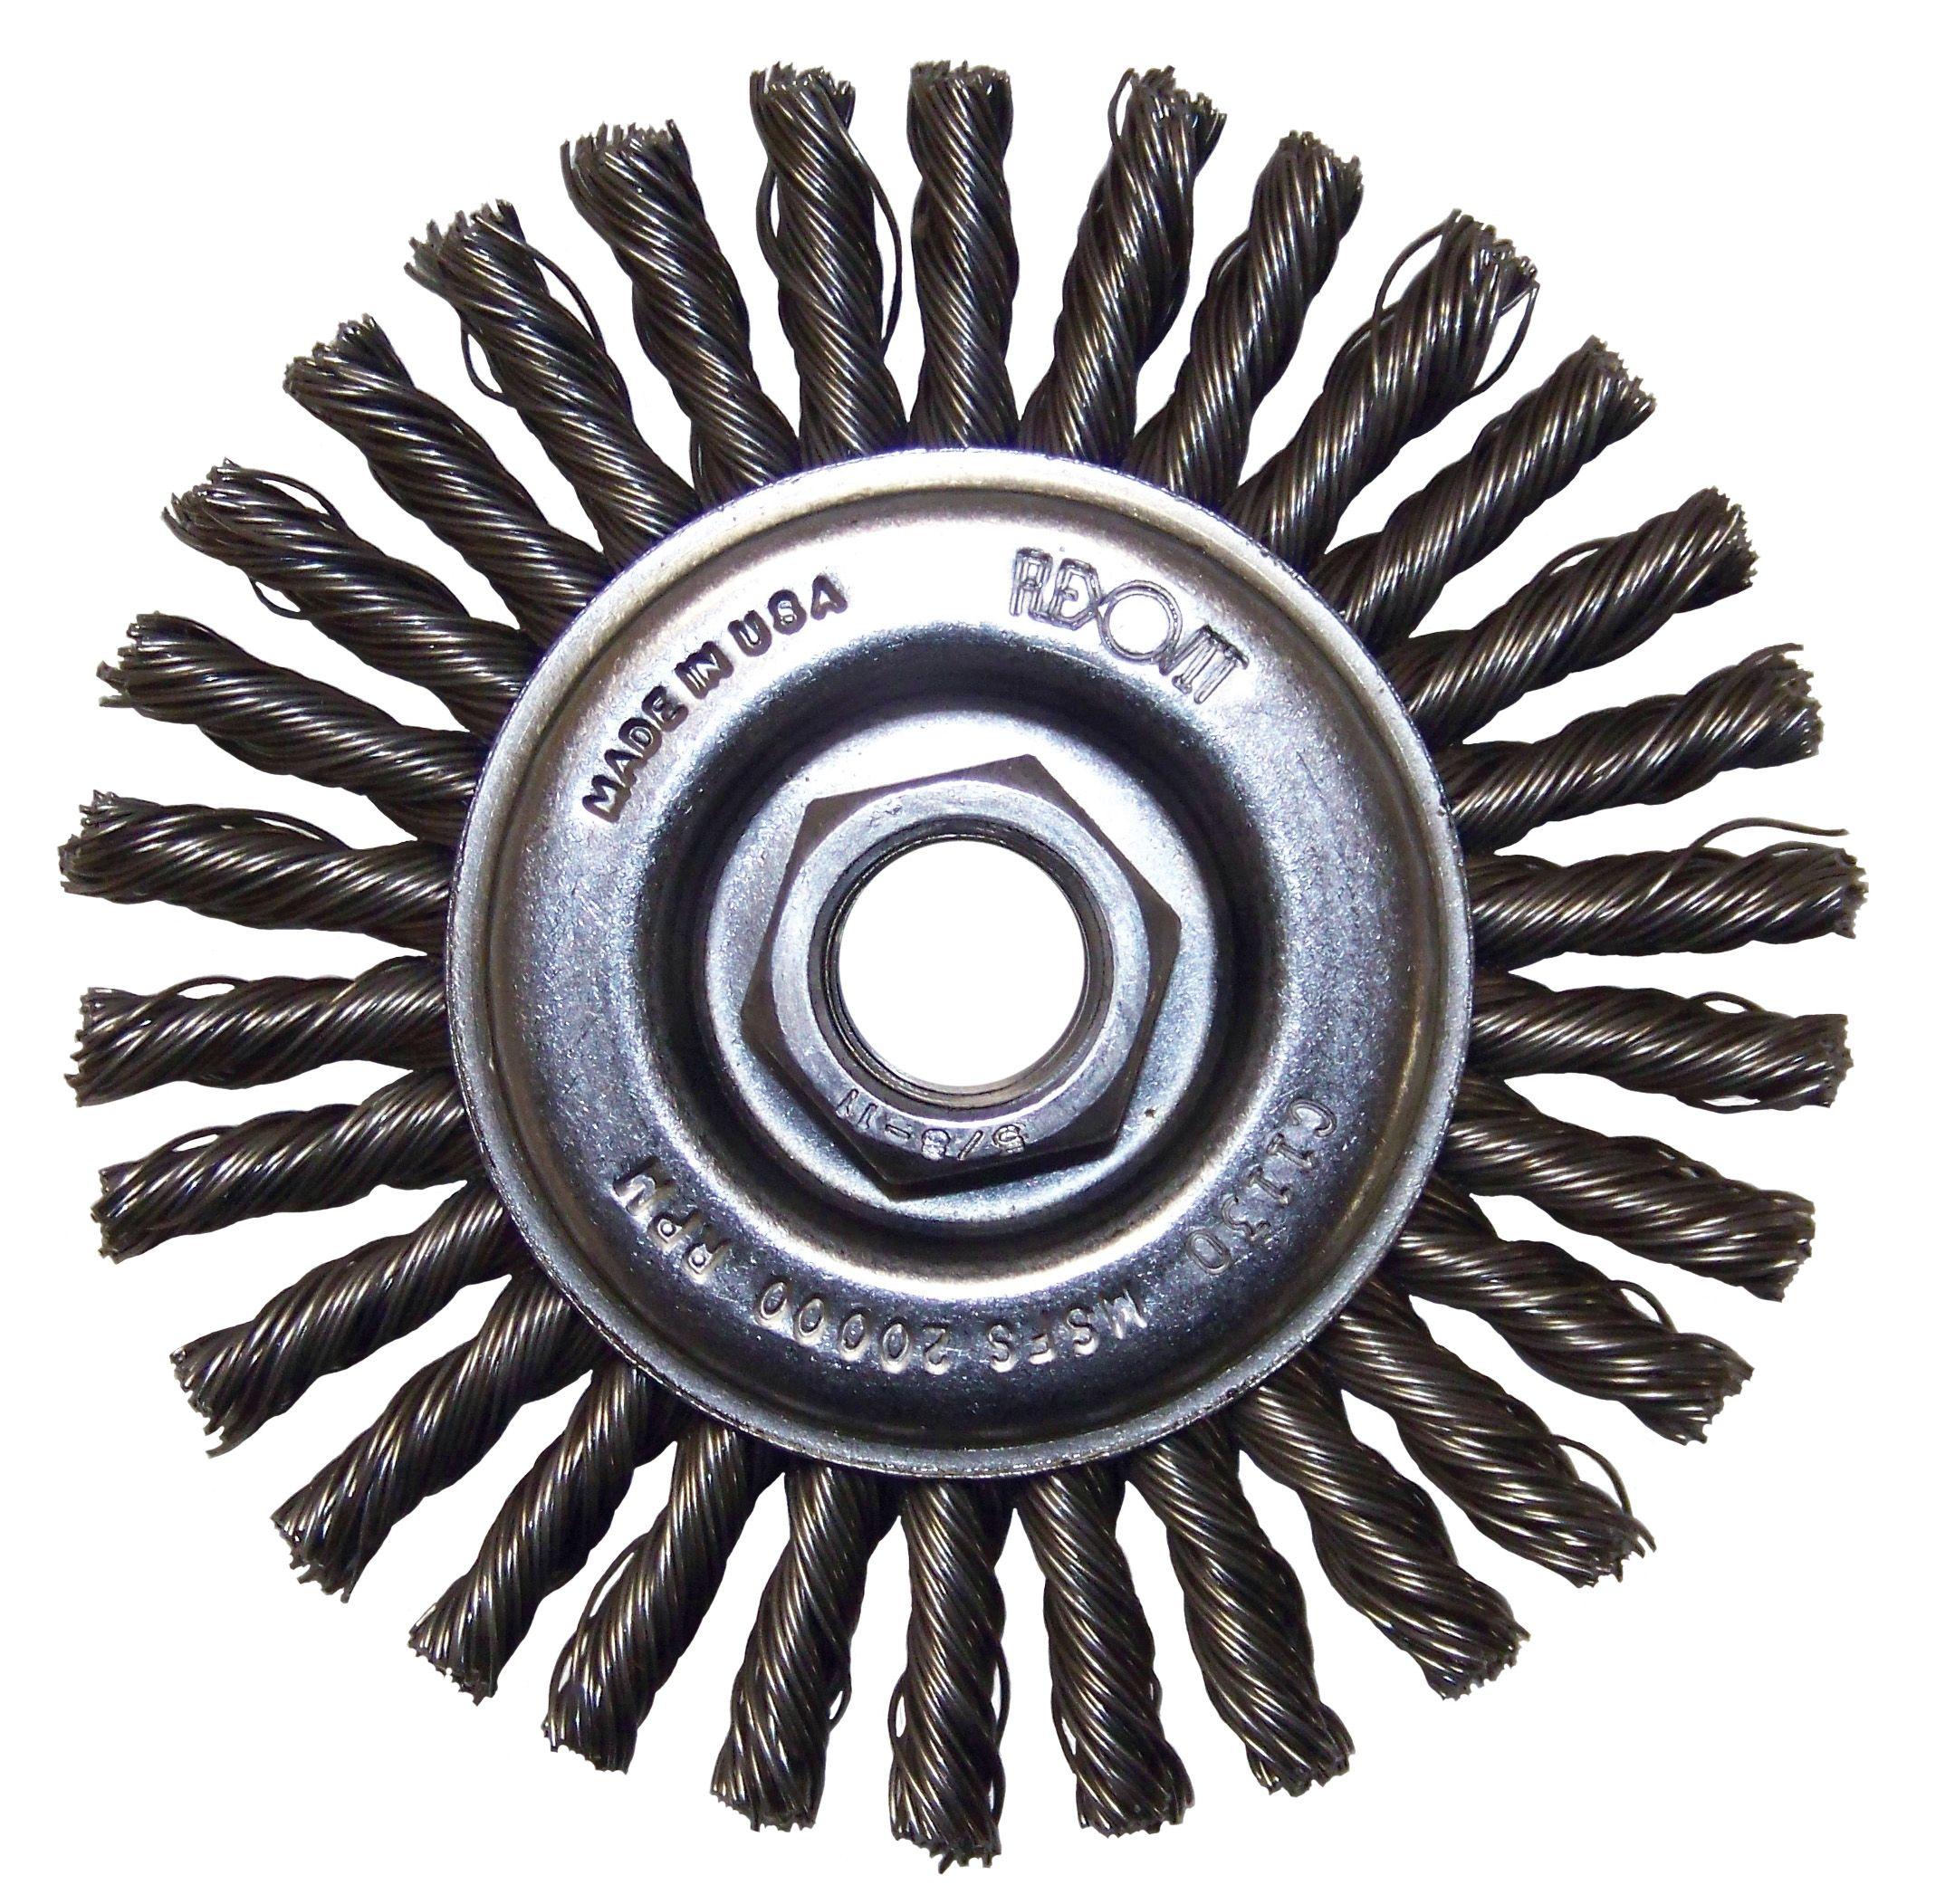 Flexovit C1180 Brosse nouée circulaire 4